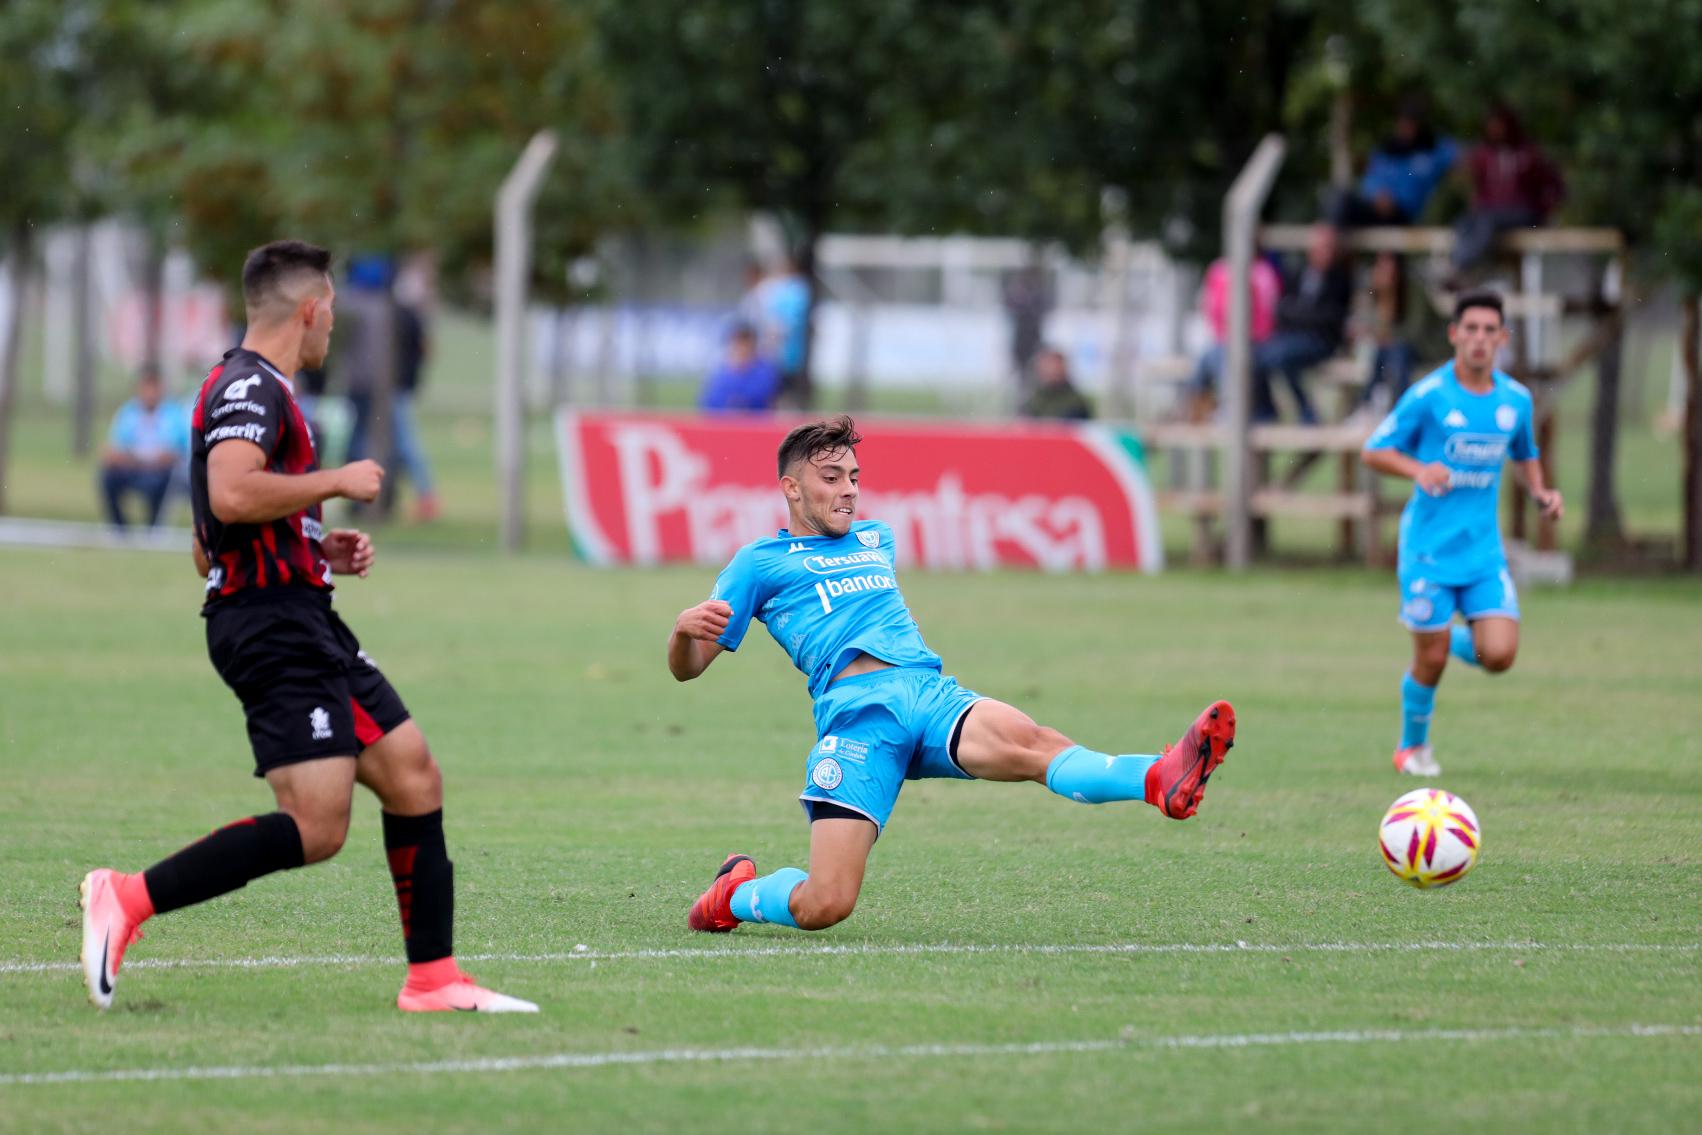 El equipo de Darío Cavallo venció 4-0 a Patronato en Villa Esquiú. Marcaron Pardo, Lencina x2 y Garnerone.